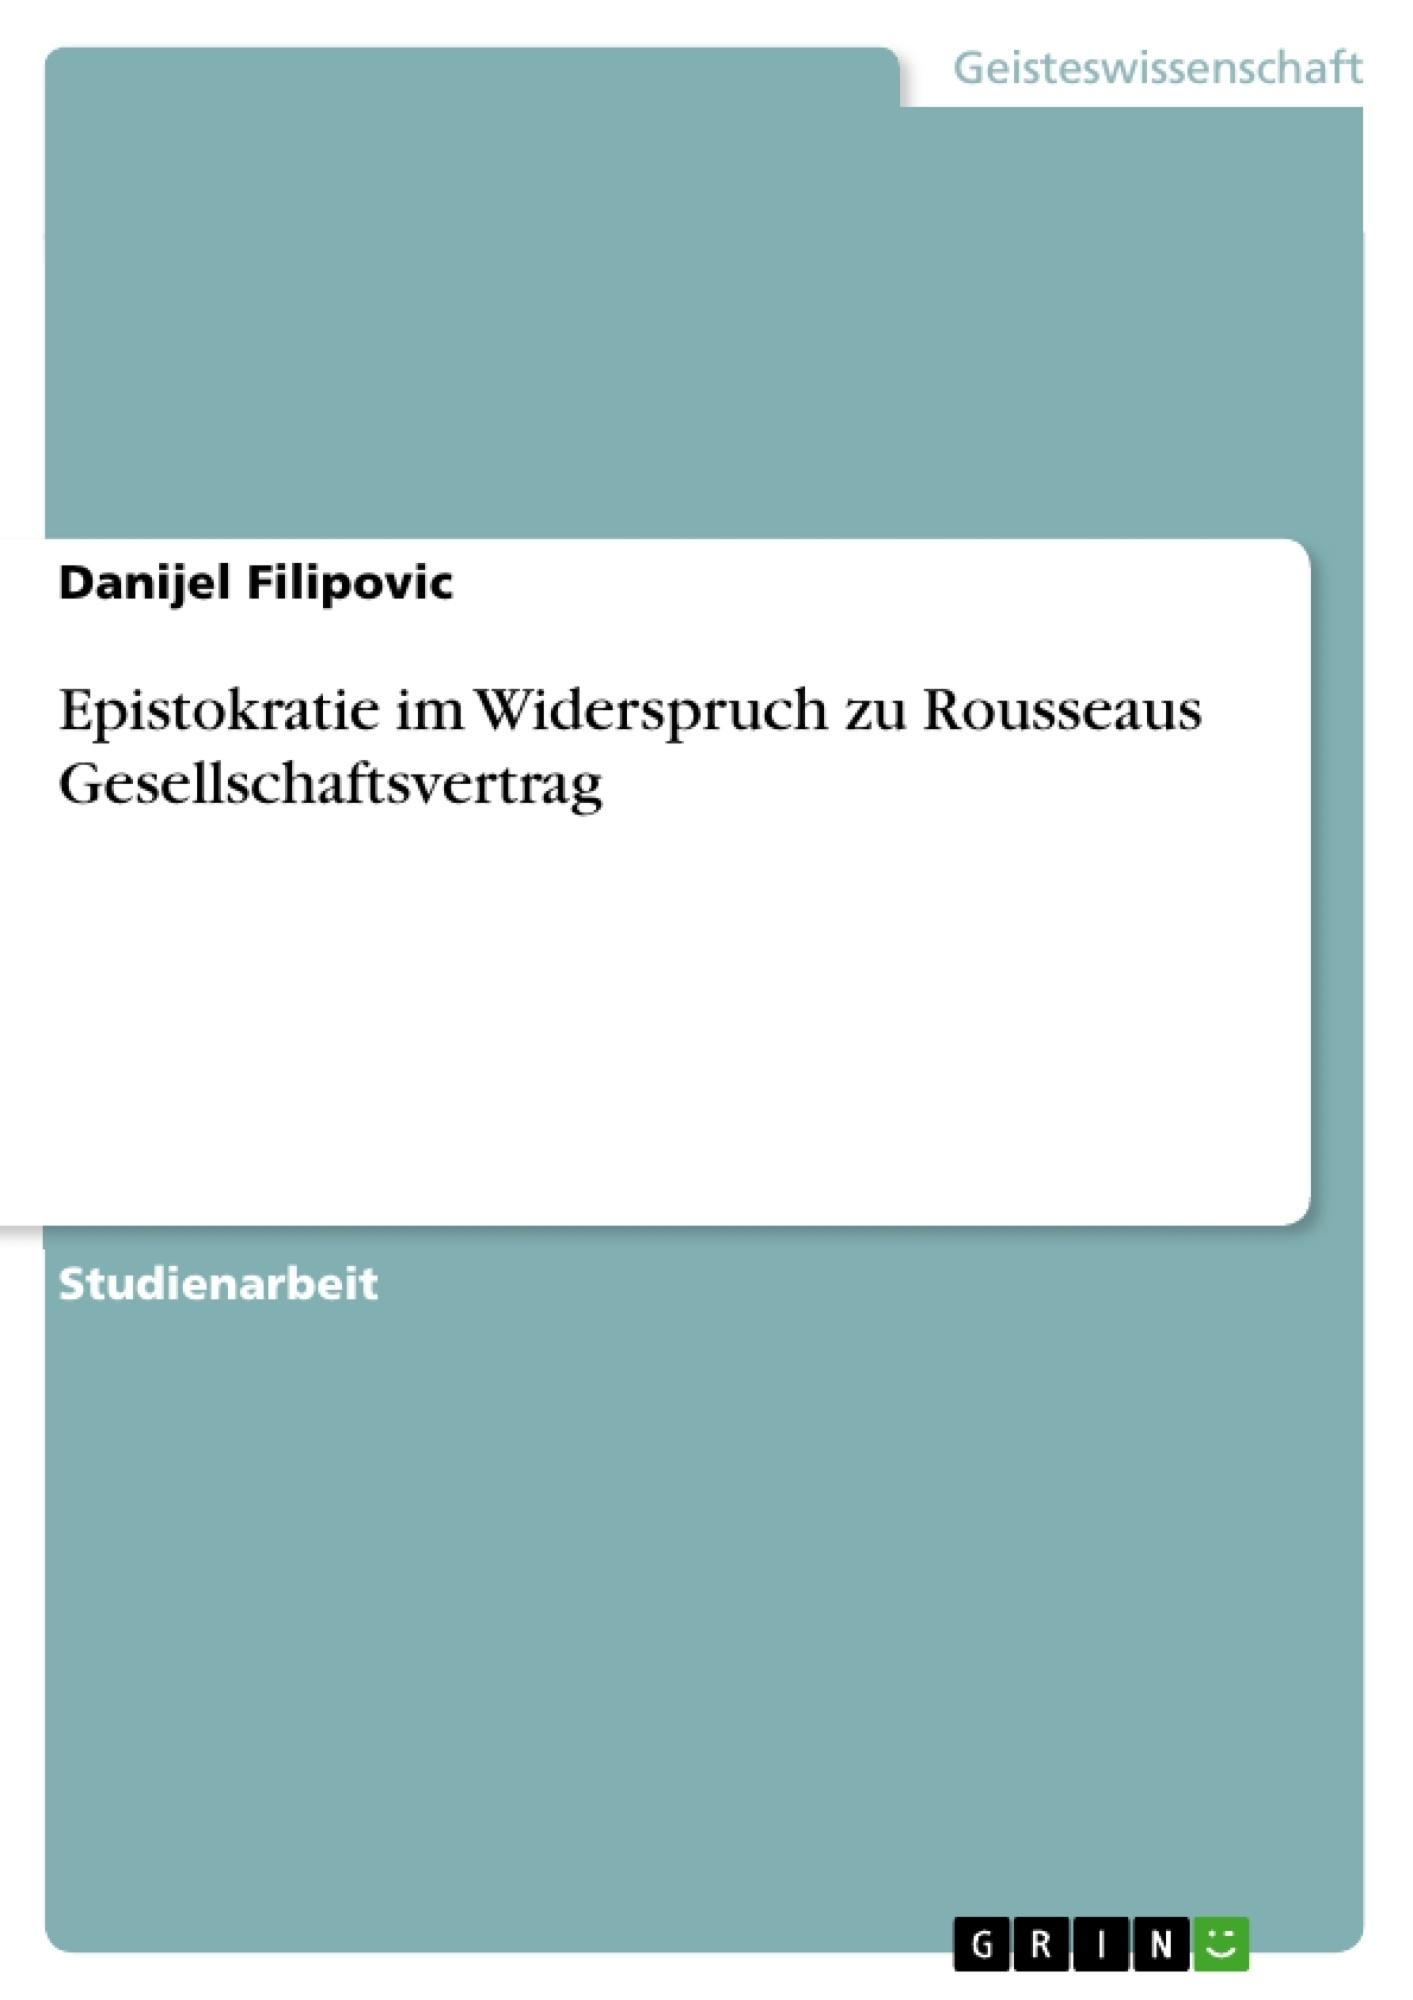 Titel: Epistokratie im Widerspruch zu Rousseaus Gesellschaftsvertrag